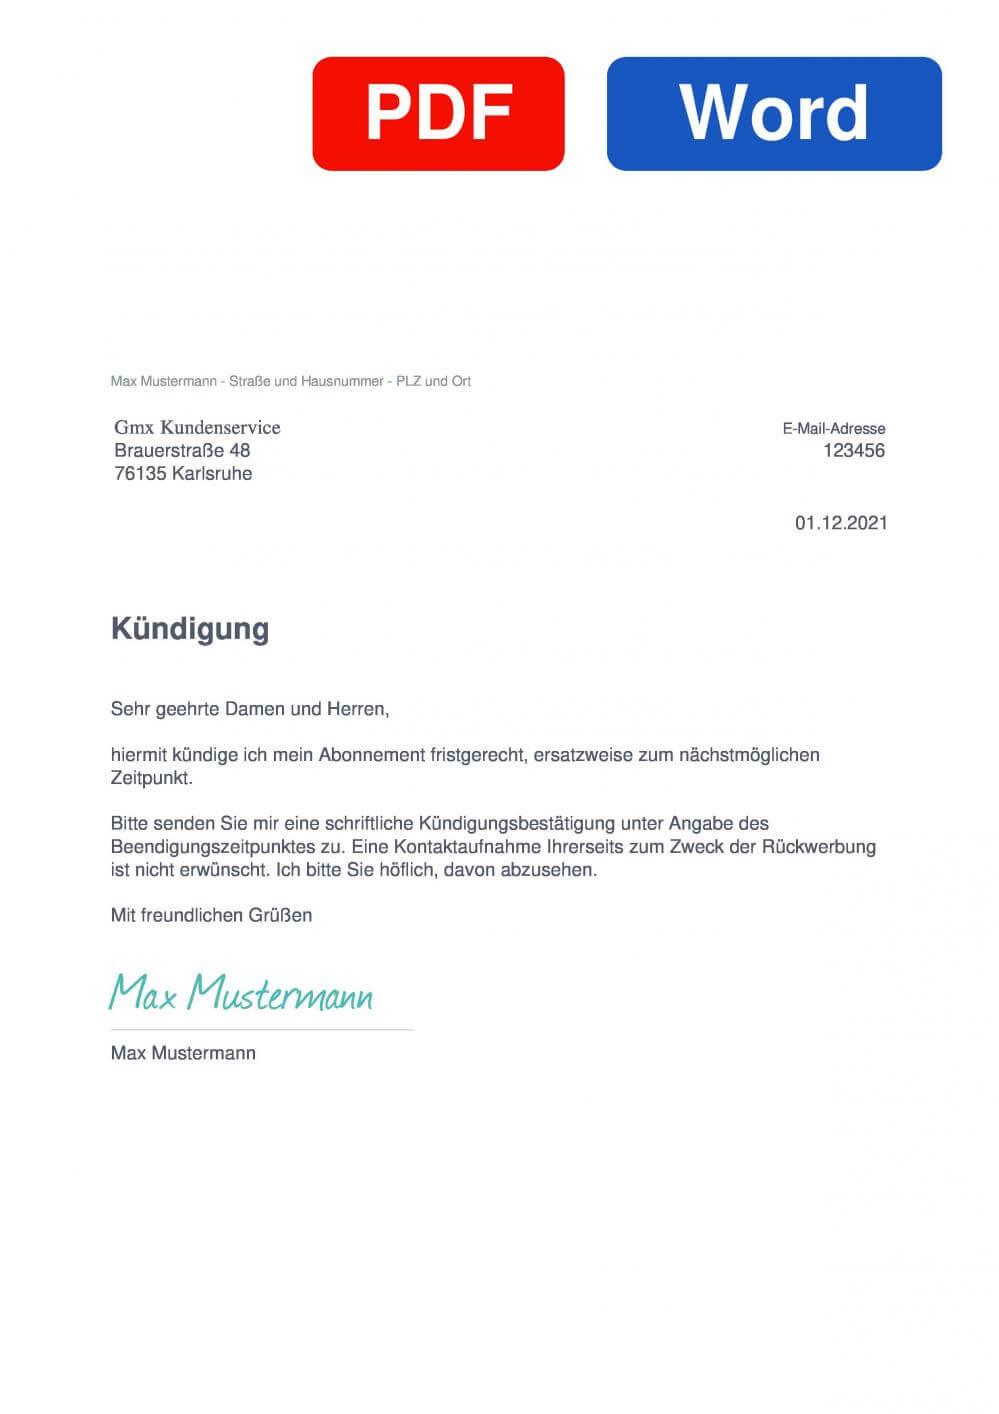 GMX MailDomain Muster Vorlage für Kündigungsschreiben